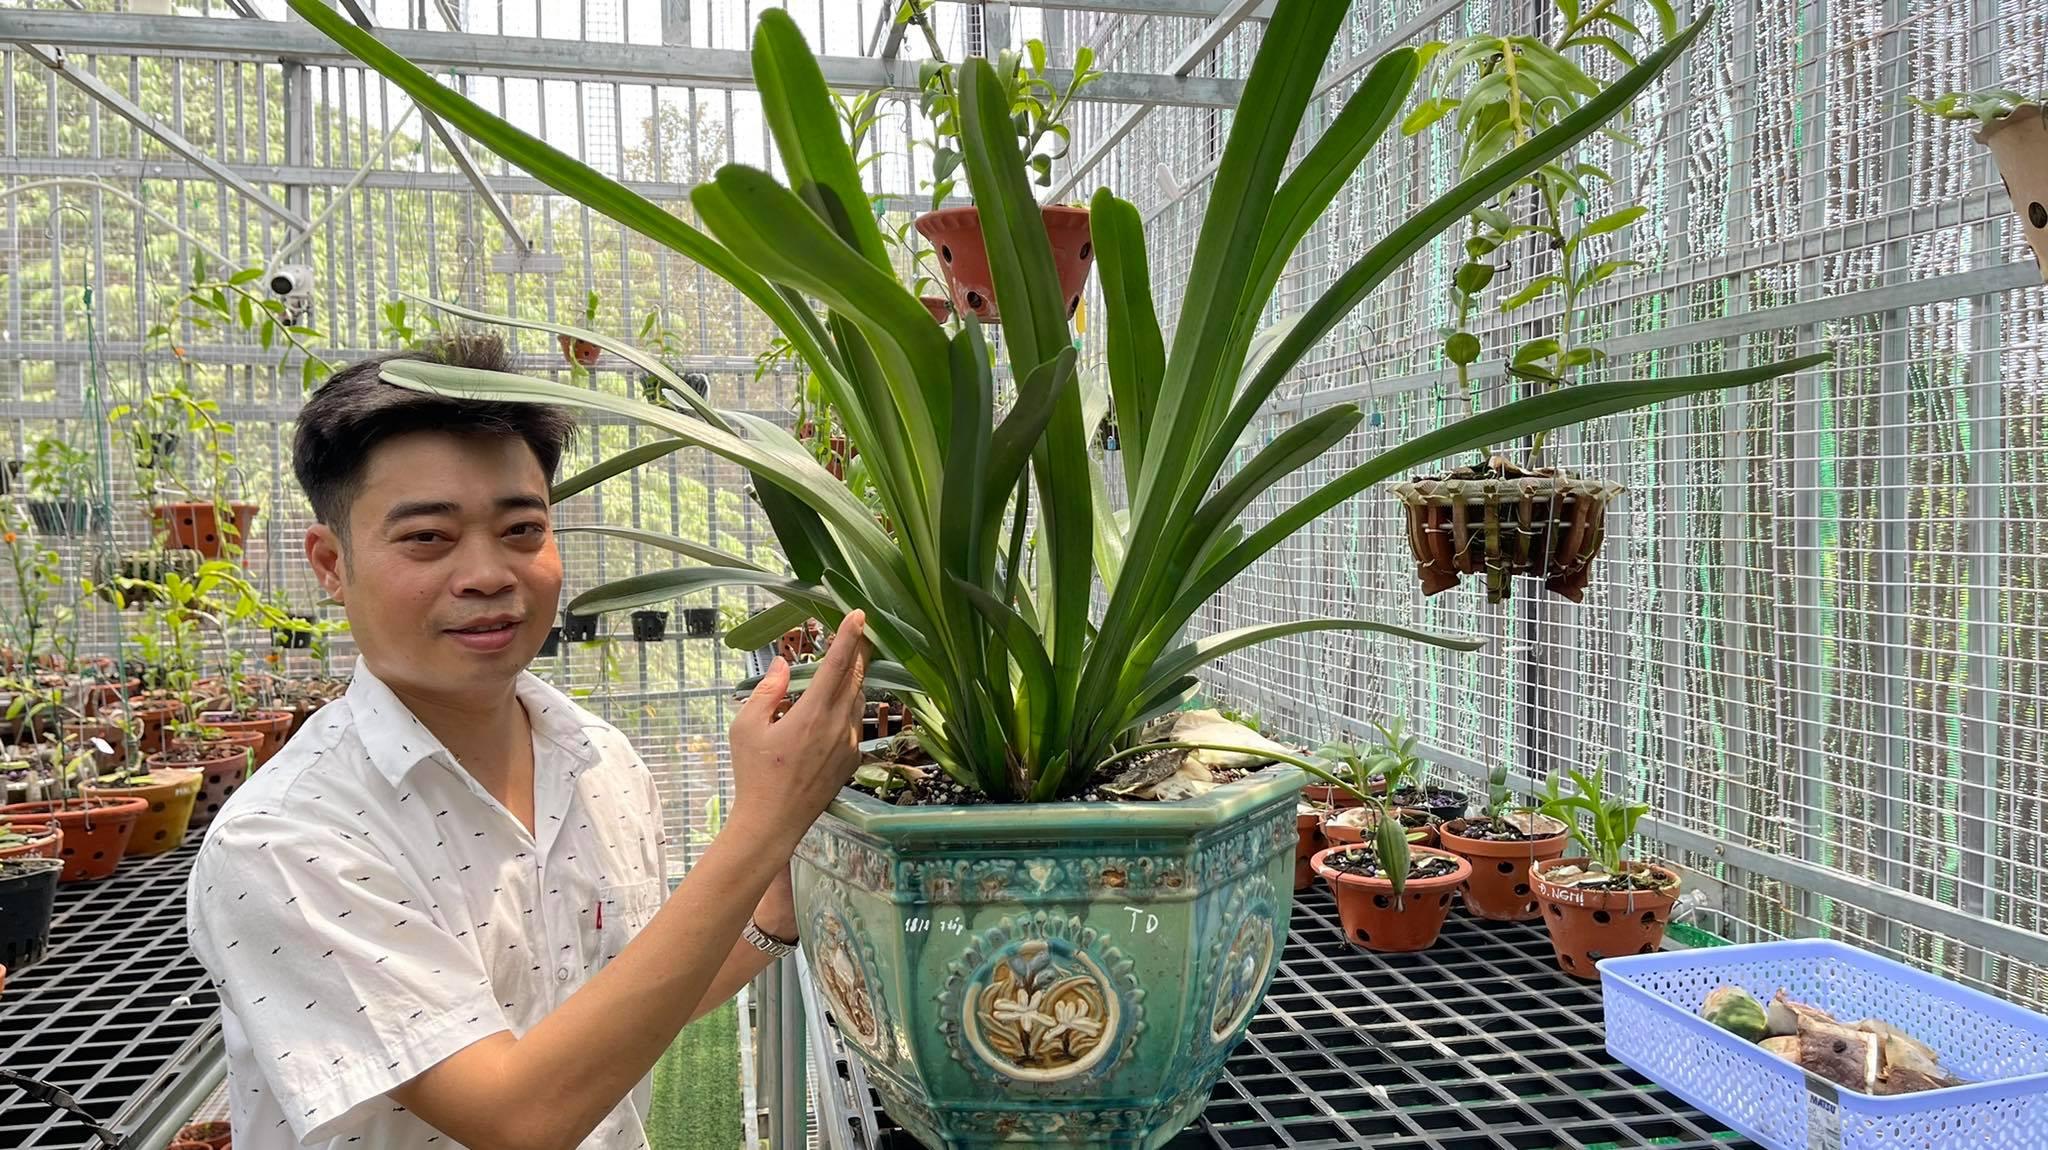 Ông chủ vườn lan 8X Nguyễn Hữu Tân và mơ ước về một vườn lan trăm loài - Ảnh 7